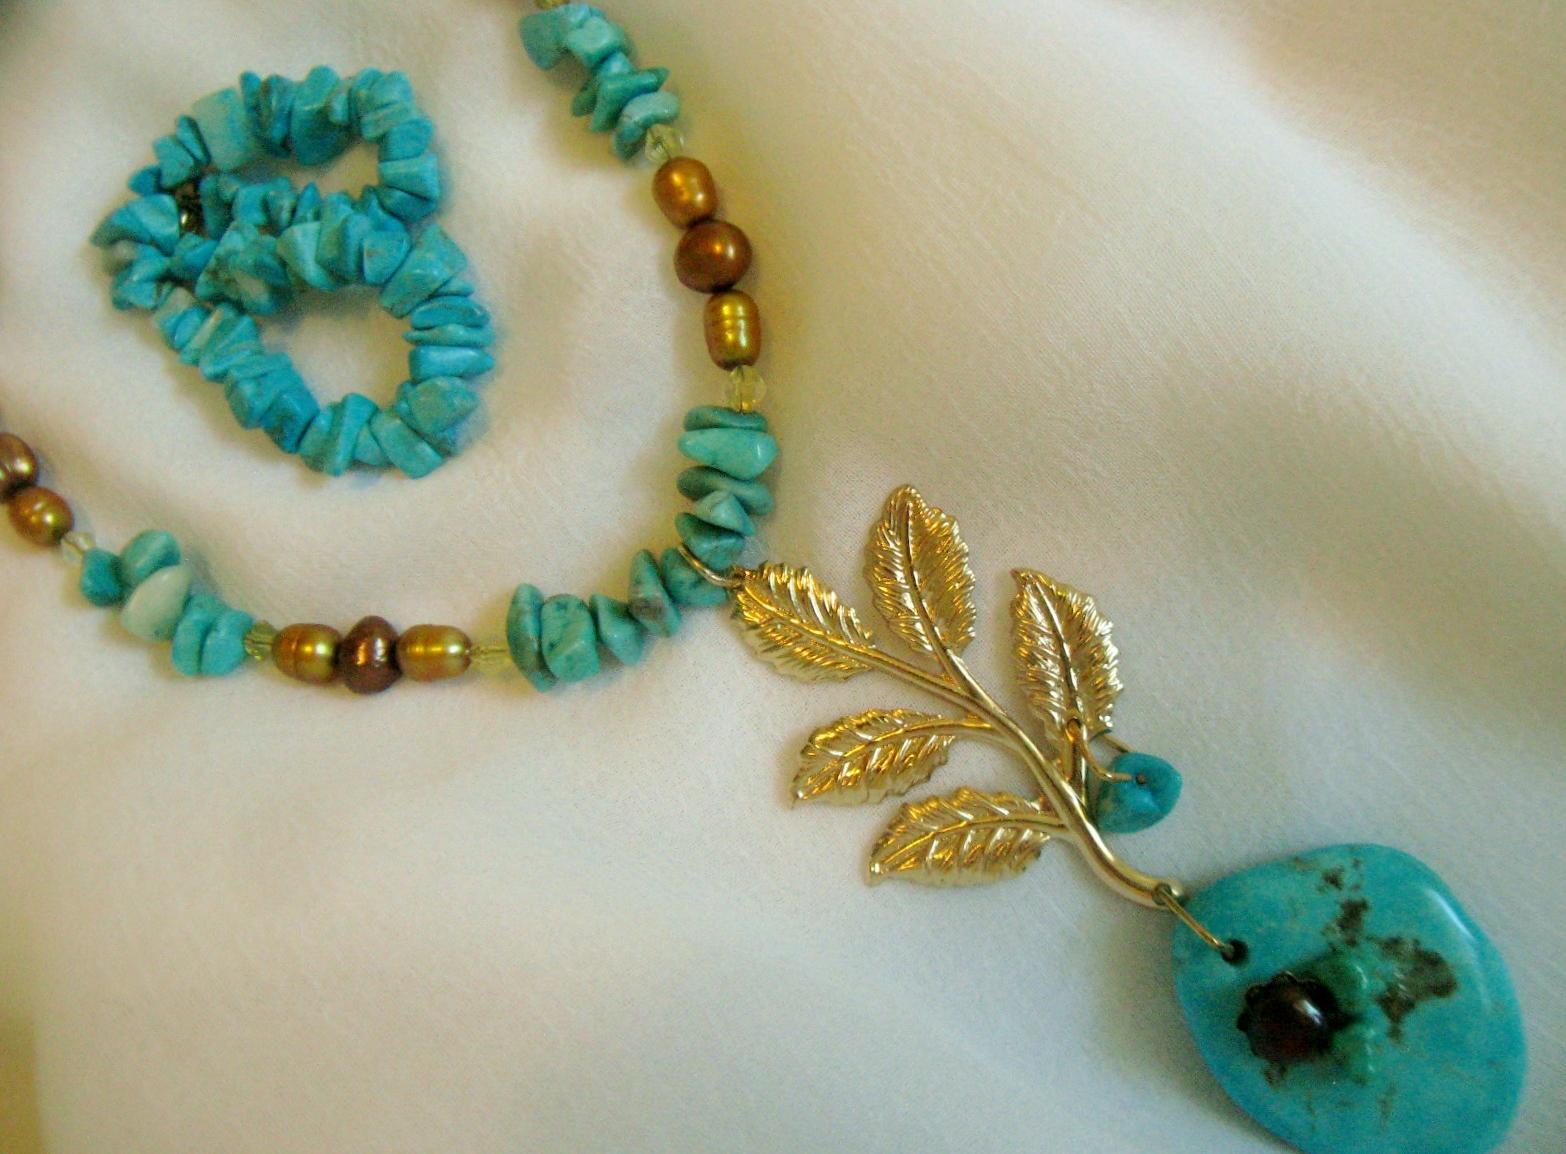 Sleeping Beauty Turquoise Creations